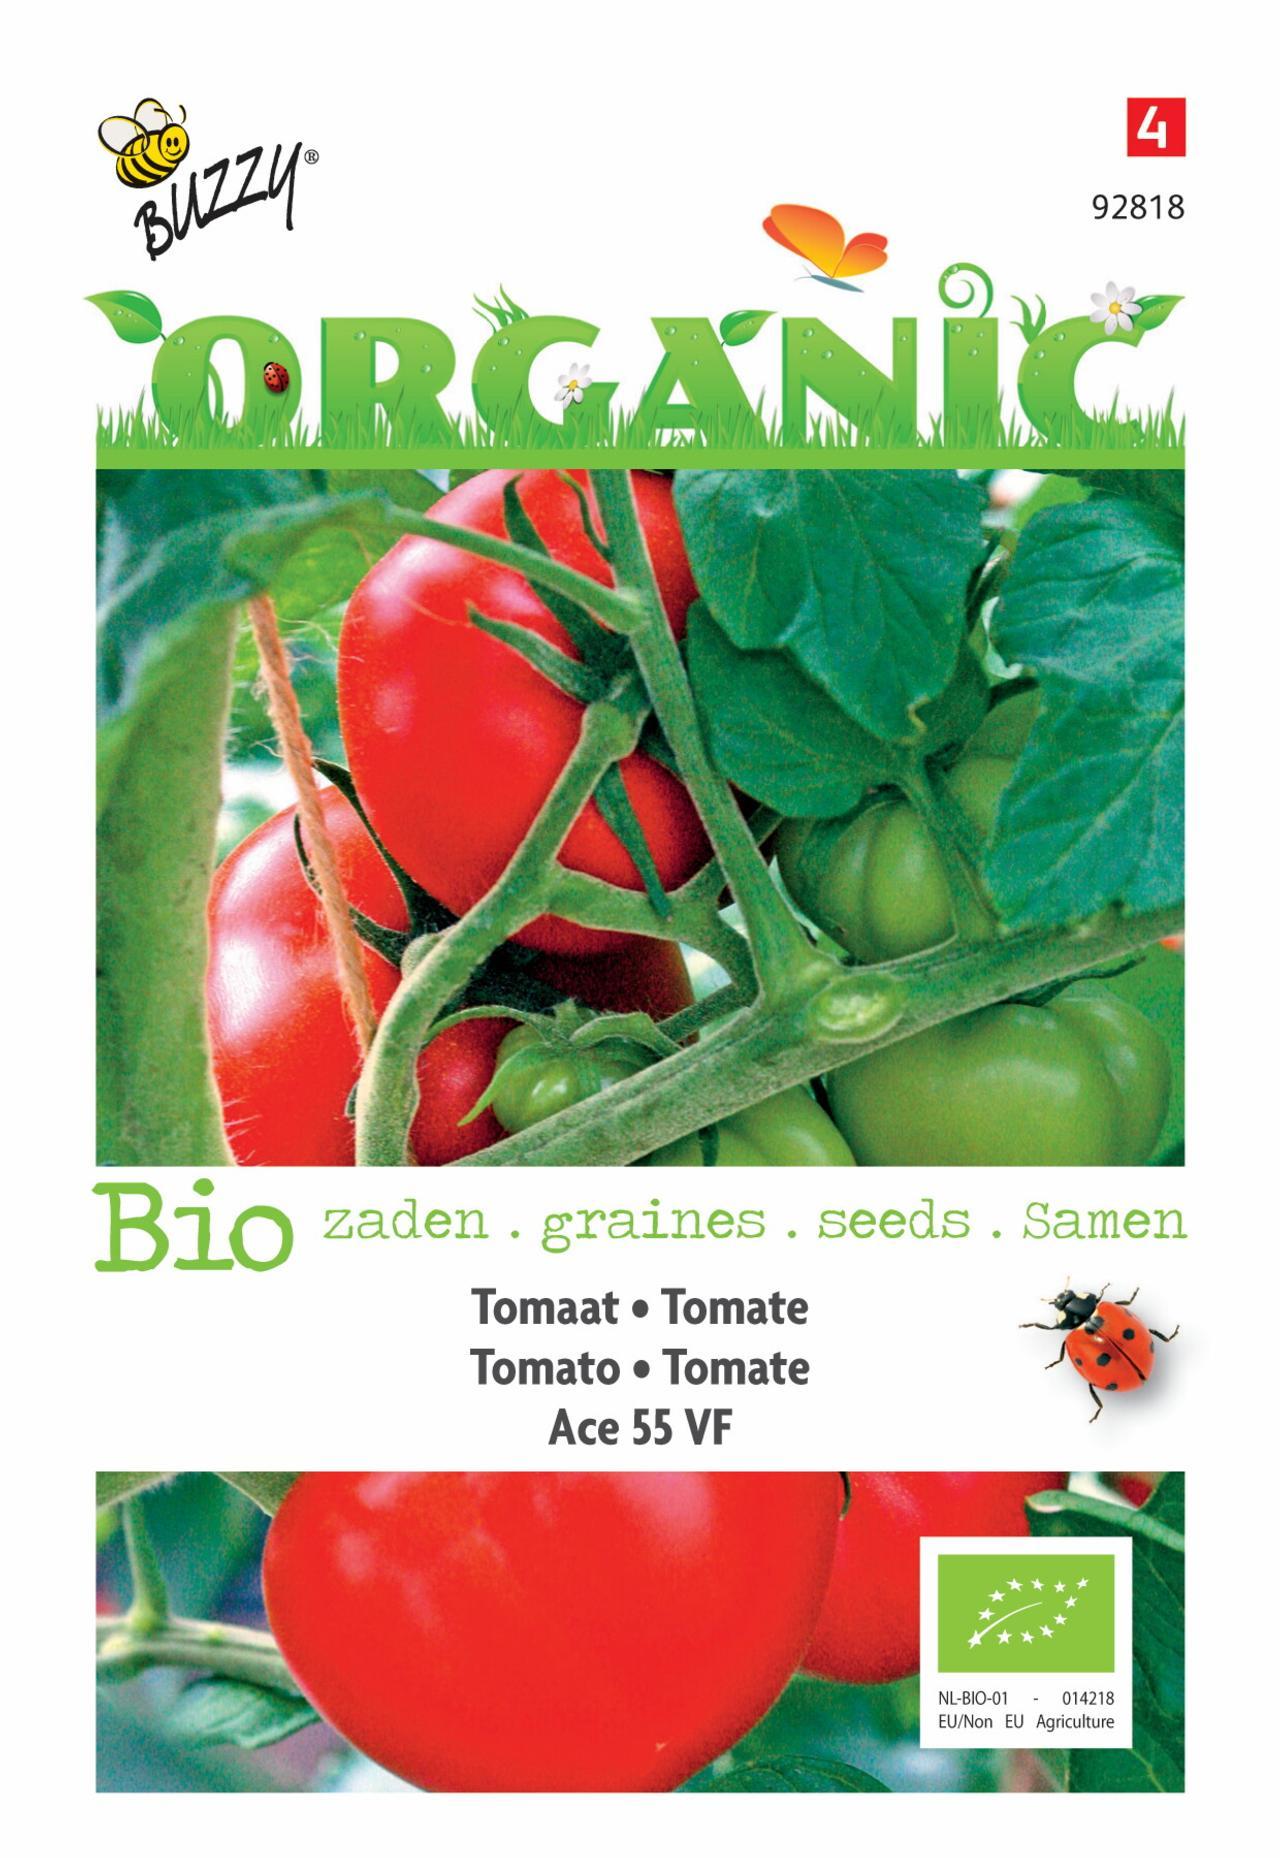 Solanum lycopersicum 'Tomaten Ace 55 VF' (BIO) plant